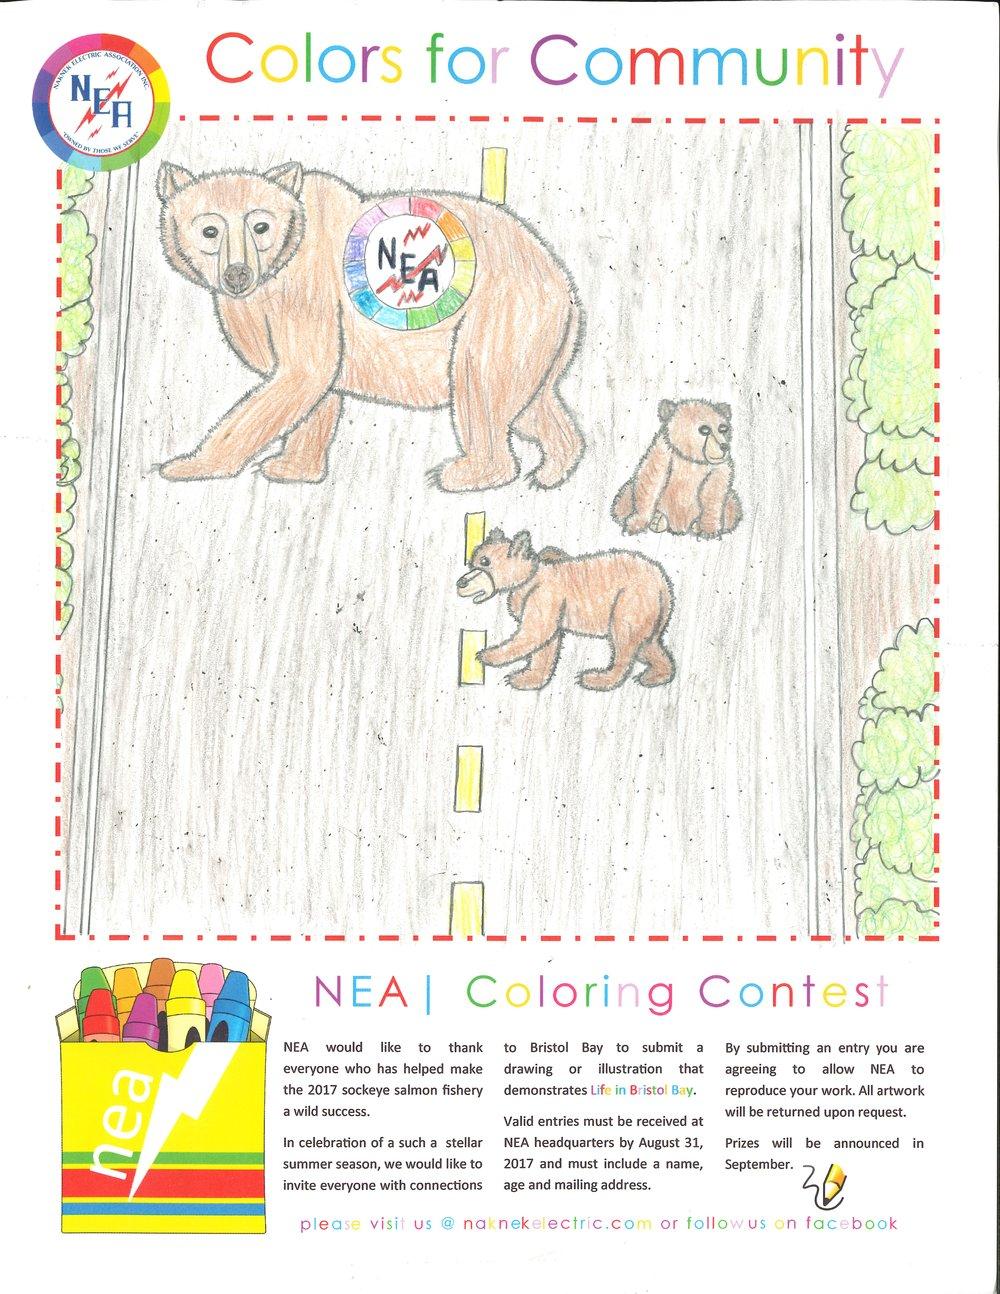 Naiya_Burgraff_10th_Grade.jpg